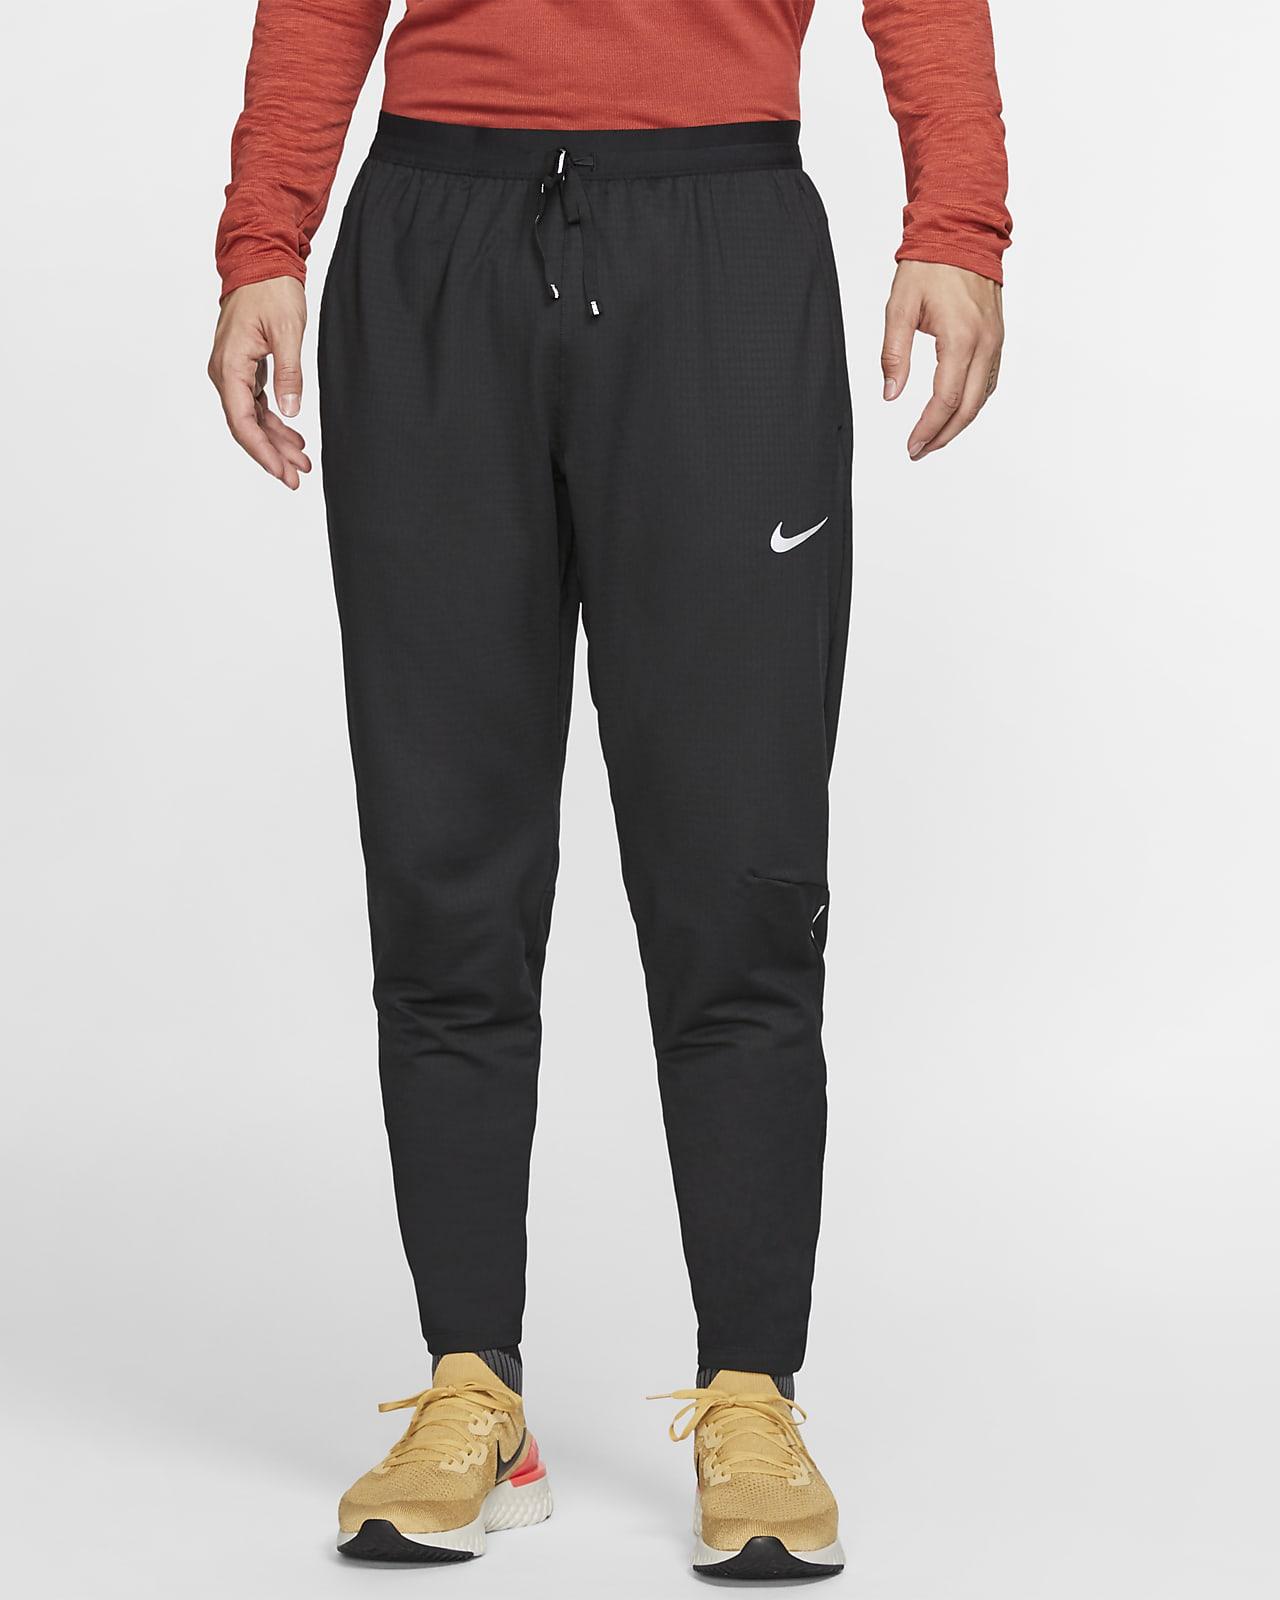 กางเกงวิ่งแบบทอผู้ชาย Nike Phenom